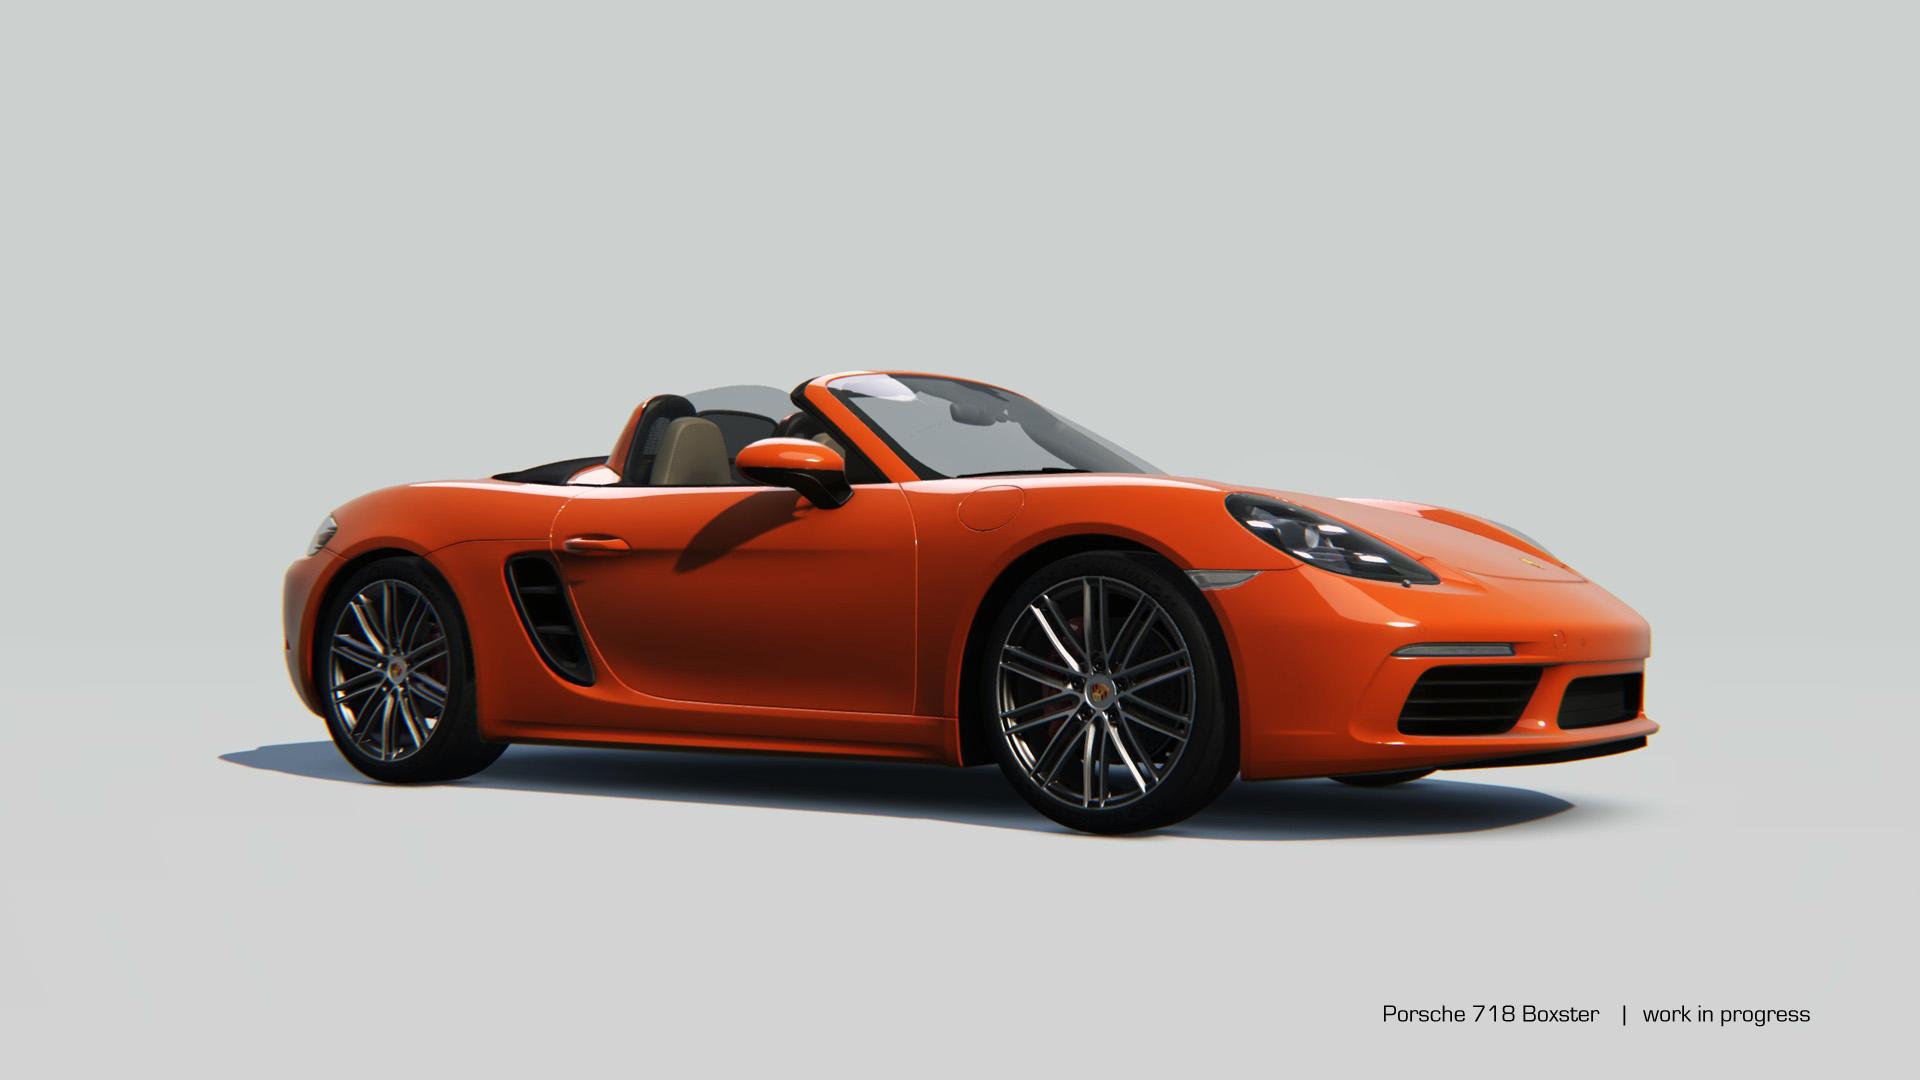 Tři DLC přidají vozy Porsche do Assetto Corsa 132684